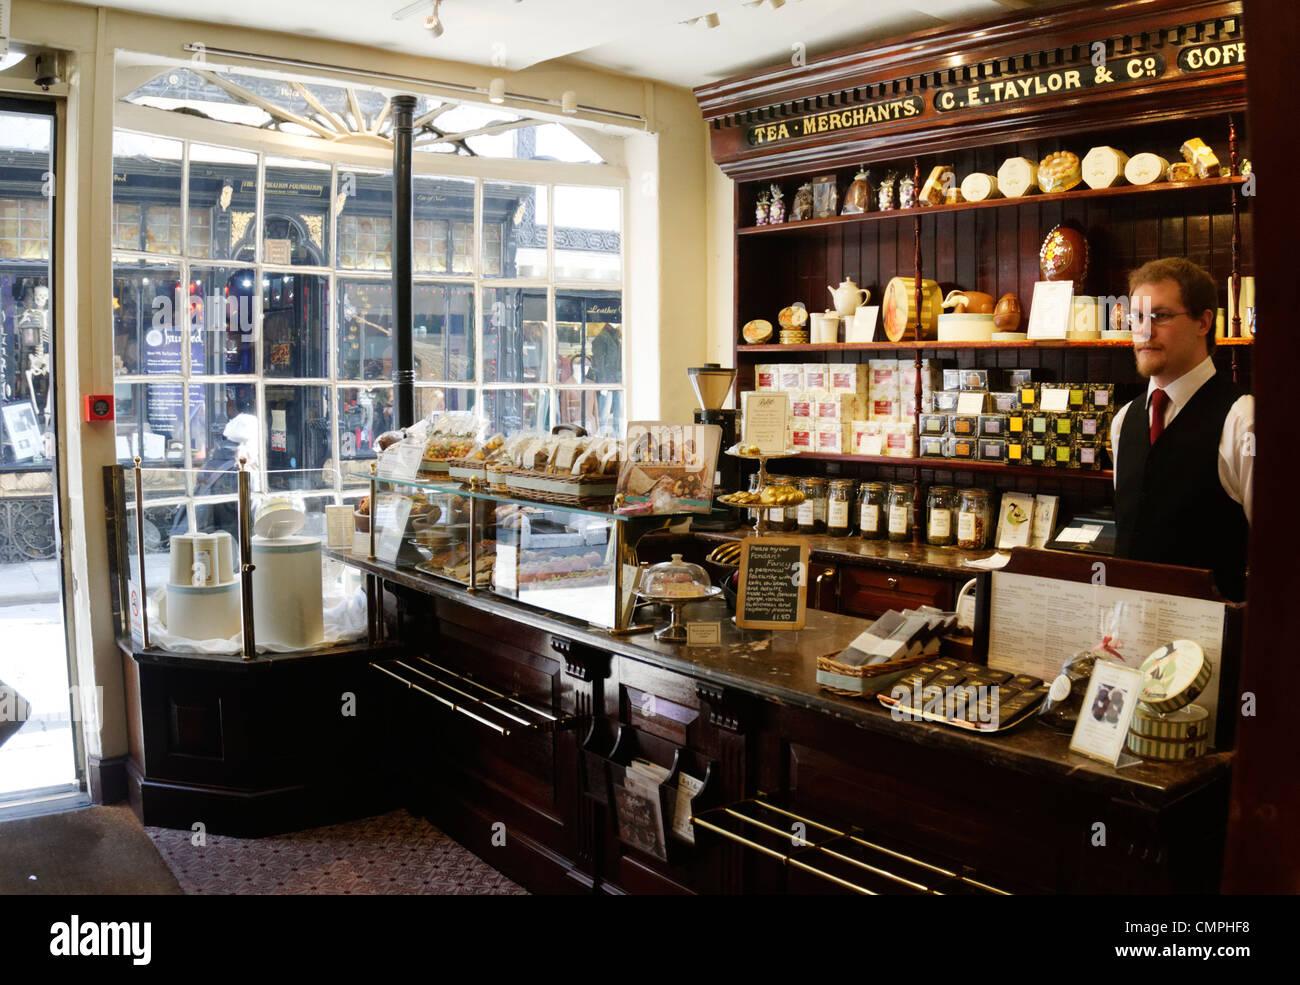 Dans les salons de thé Bettys boutique dans Stonegate, York, UK Photo Stock